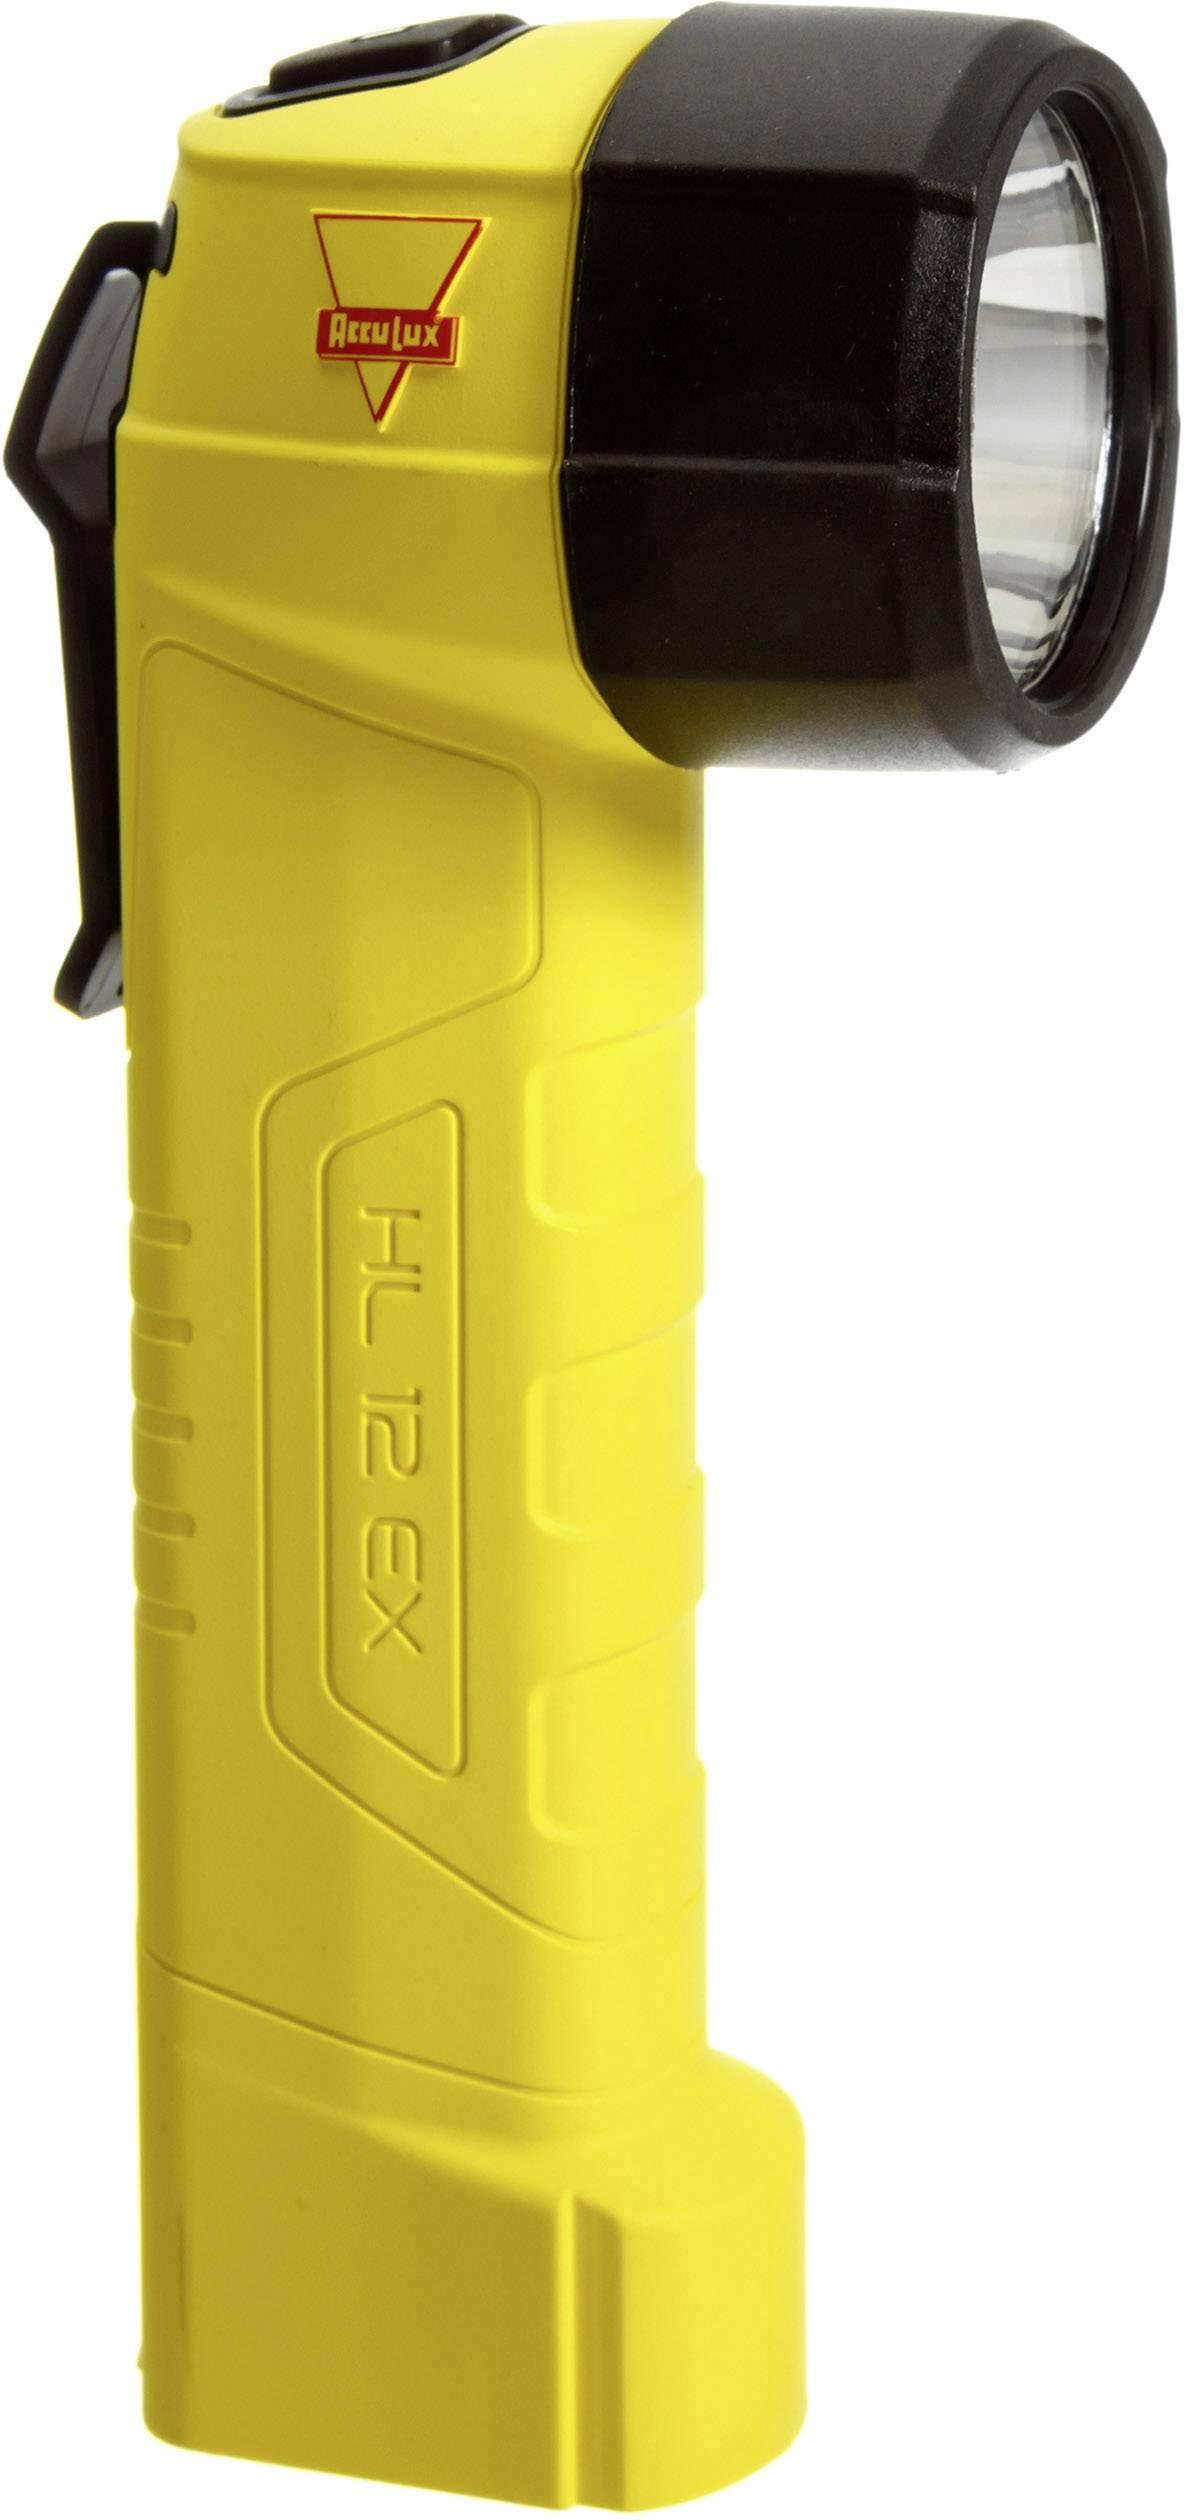 Bezpečnostné vreckové svietidlo (baterka) do extrémních podmínek AccuLux 449421, IP67, žltá